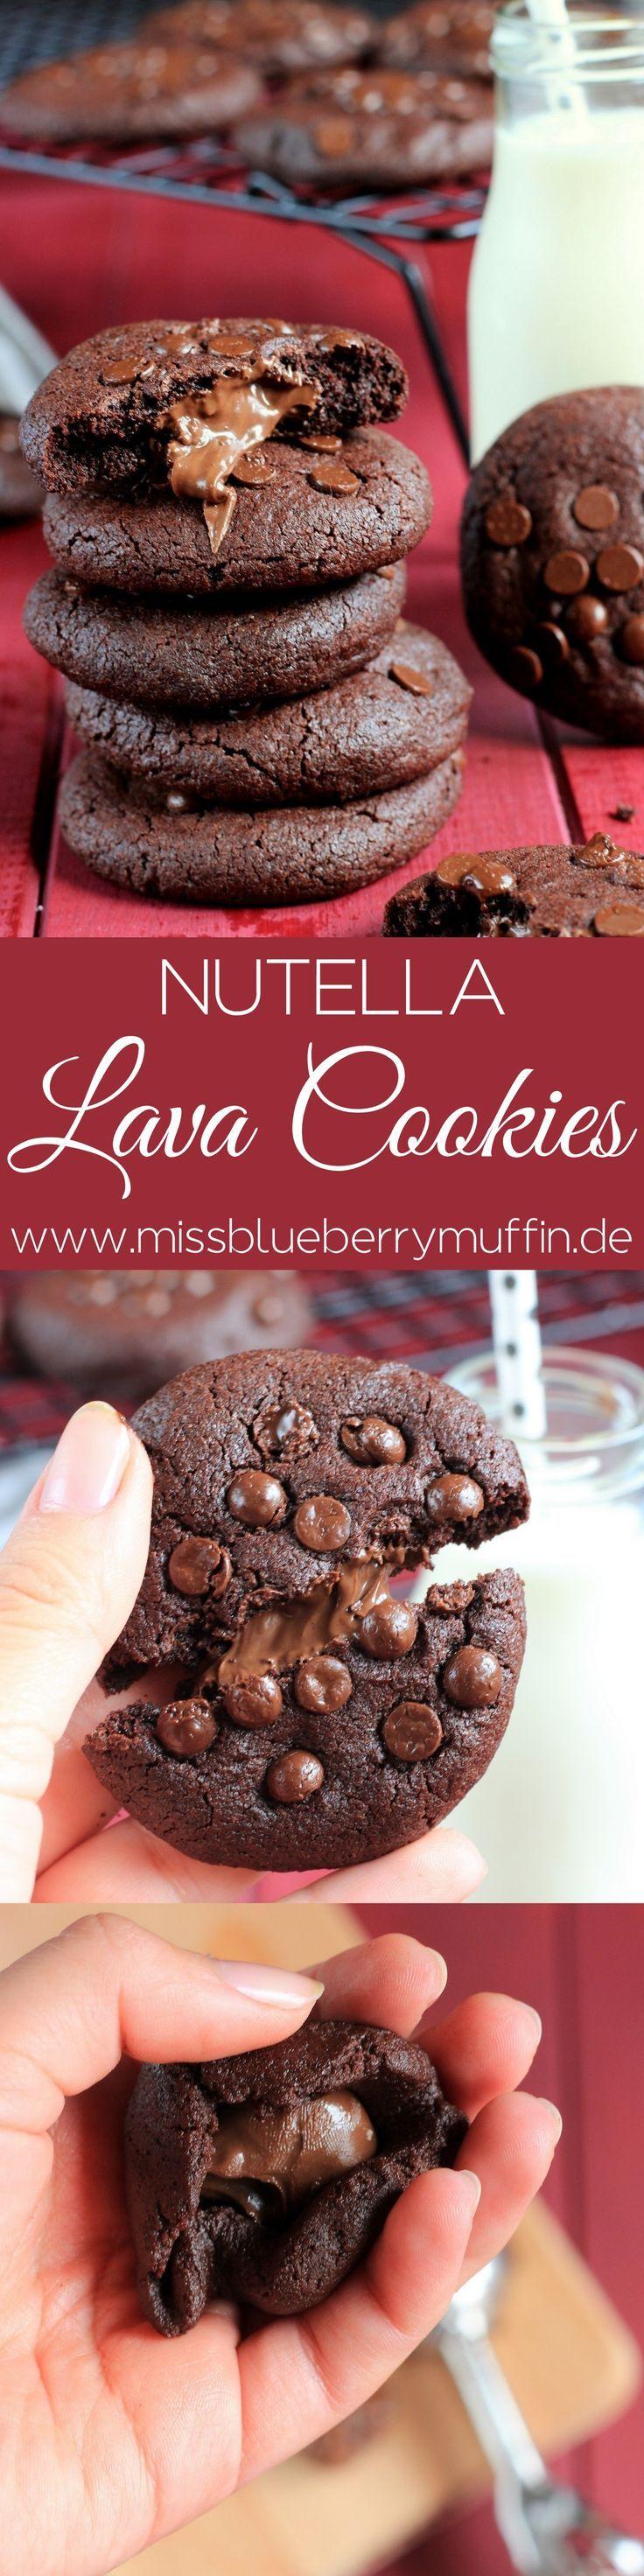 Lava-cookies - hmm, lecker! Viele weitere Ideen für Deine Adventsvorbereitungen und andere Events mit Kindern findest Du auch bei blog.balloonas.com